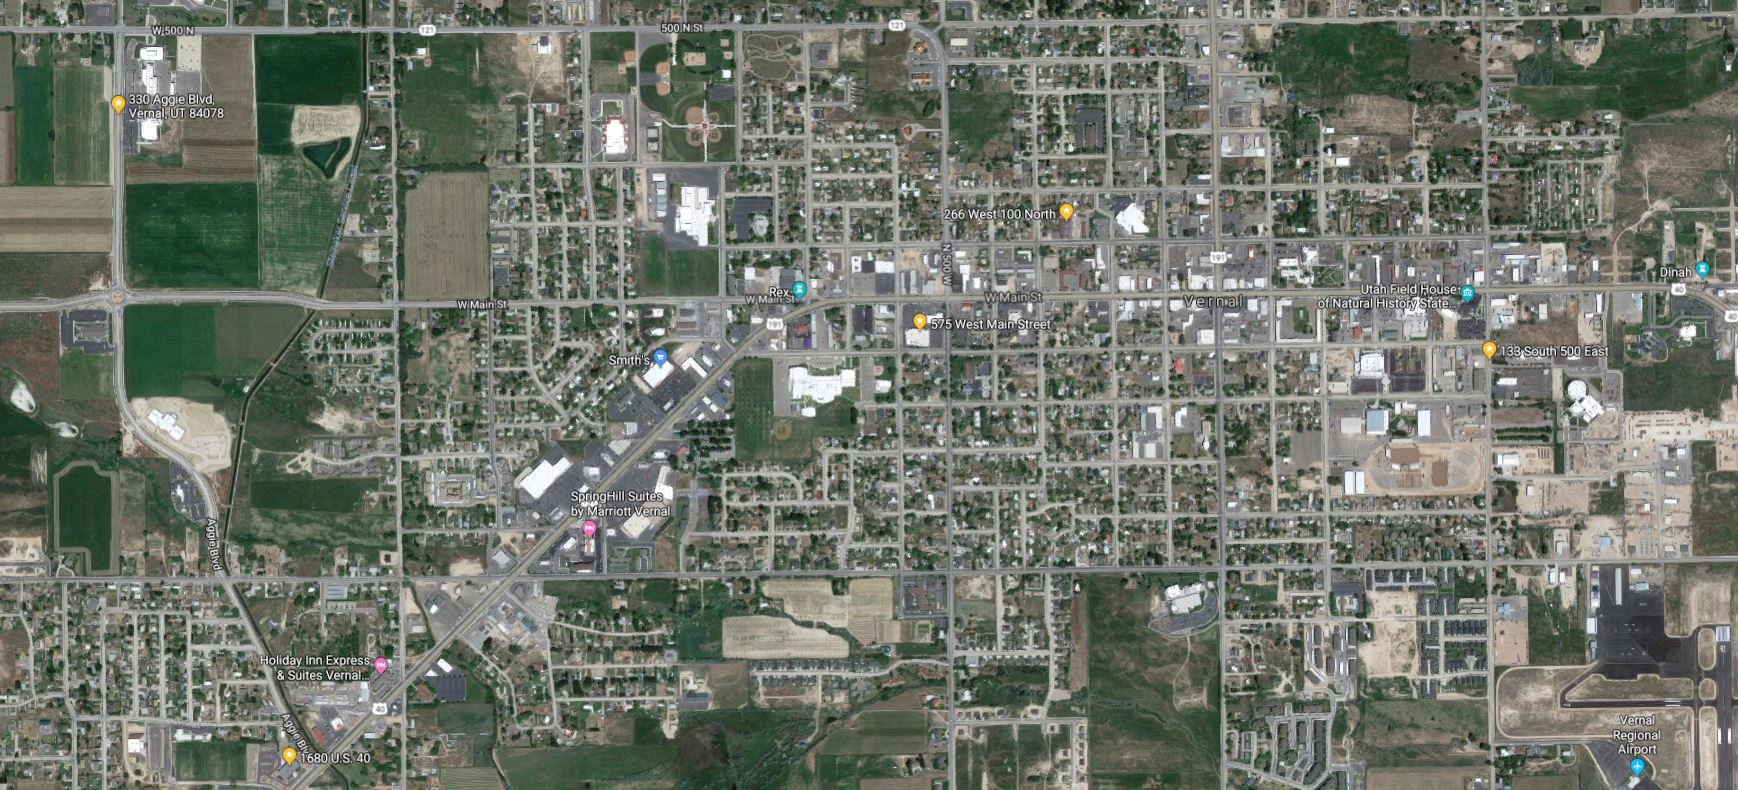 Screen shot Map